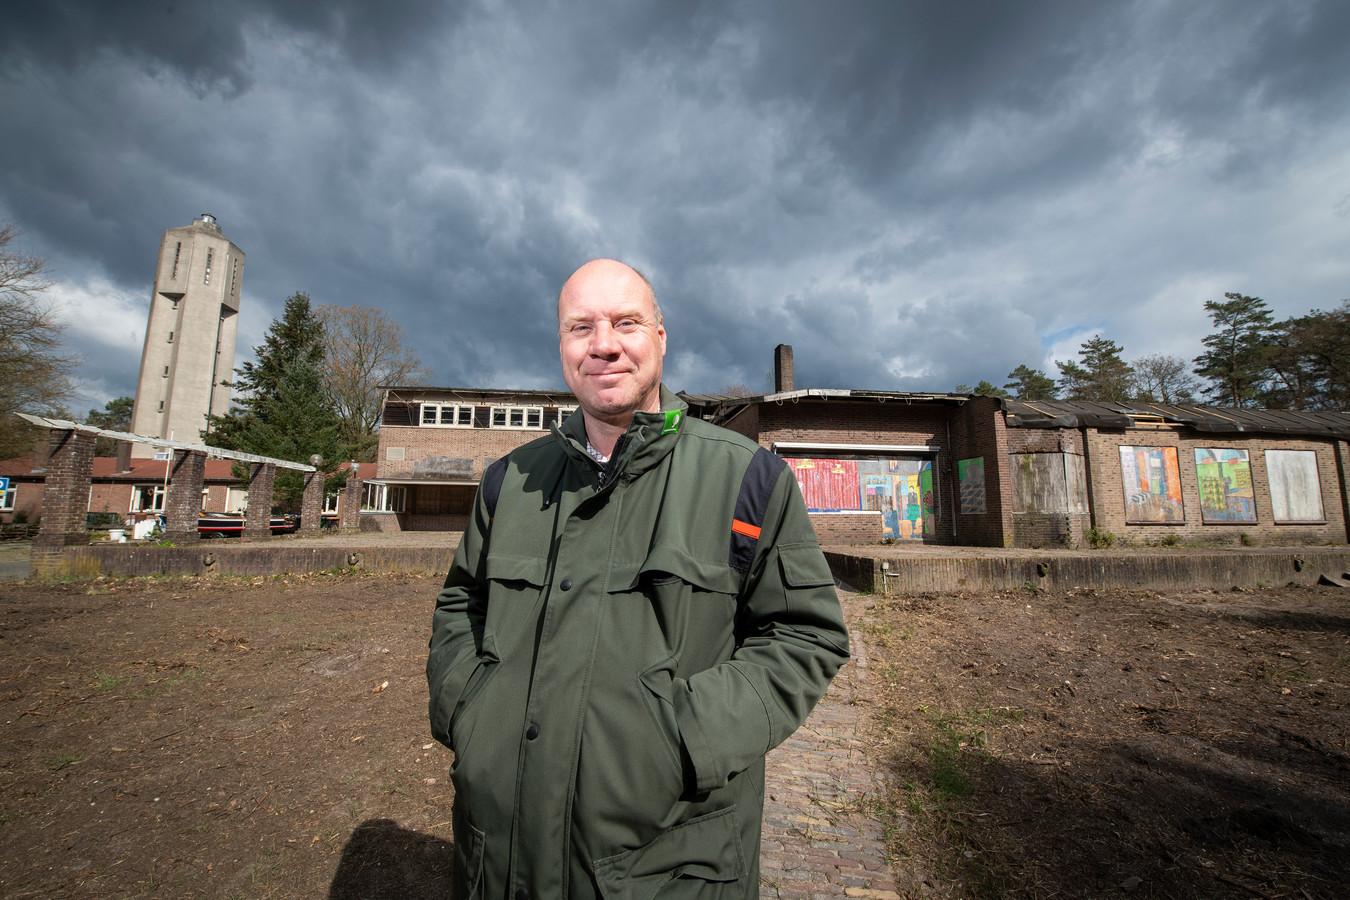 Eind 2007 werd een provisorisch dak op het deels afgebrande hotel gelegd om verder verval te voorkomen. Links de watertoren van Radio Kootwijk.